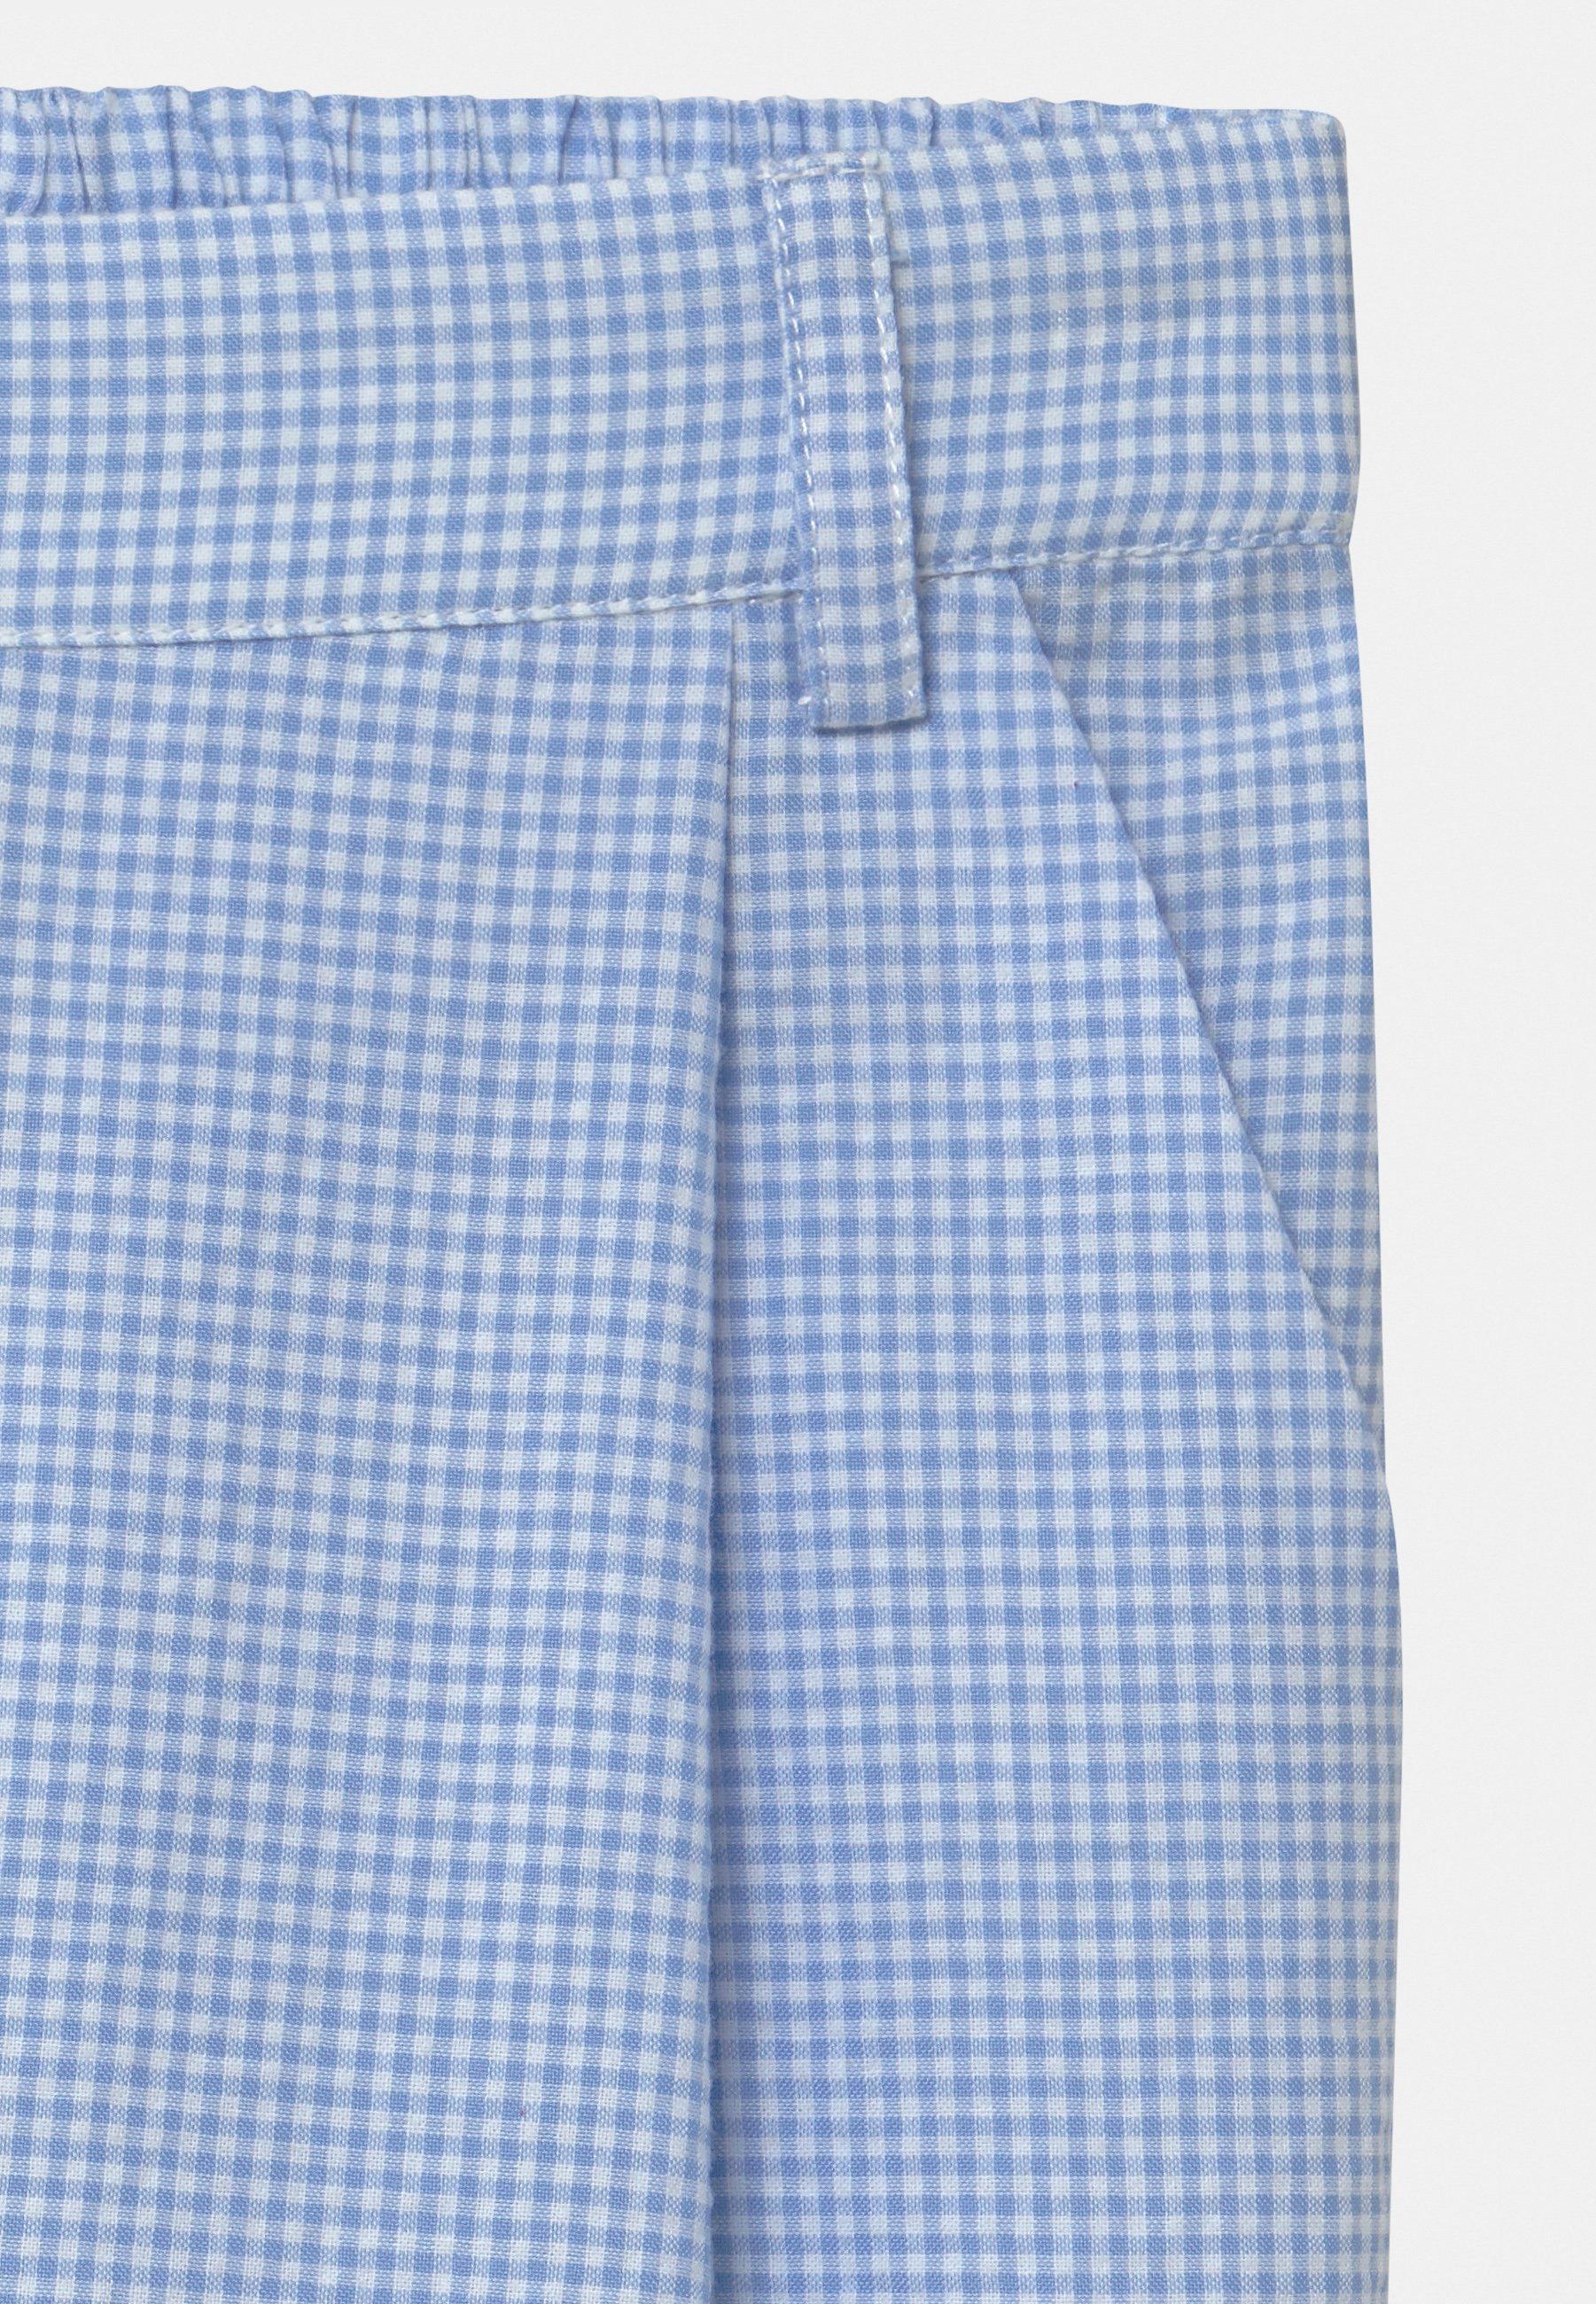 Enfant LIV CHECK - Pantalon classique